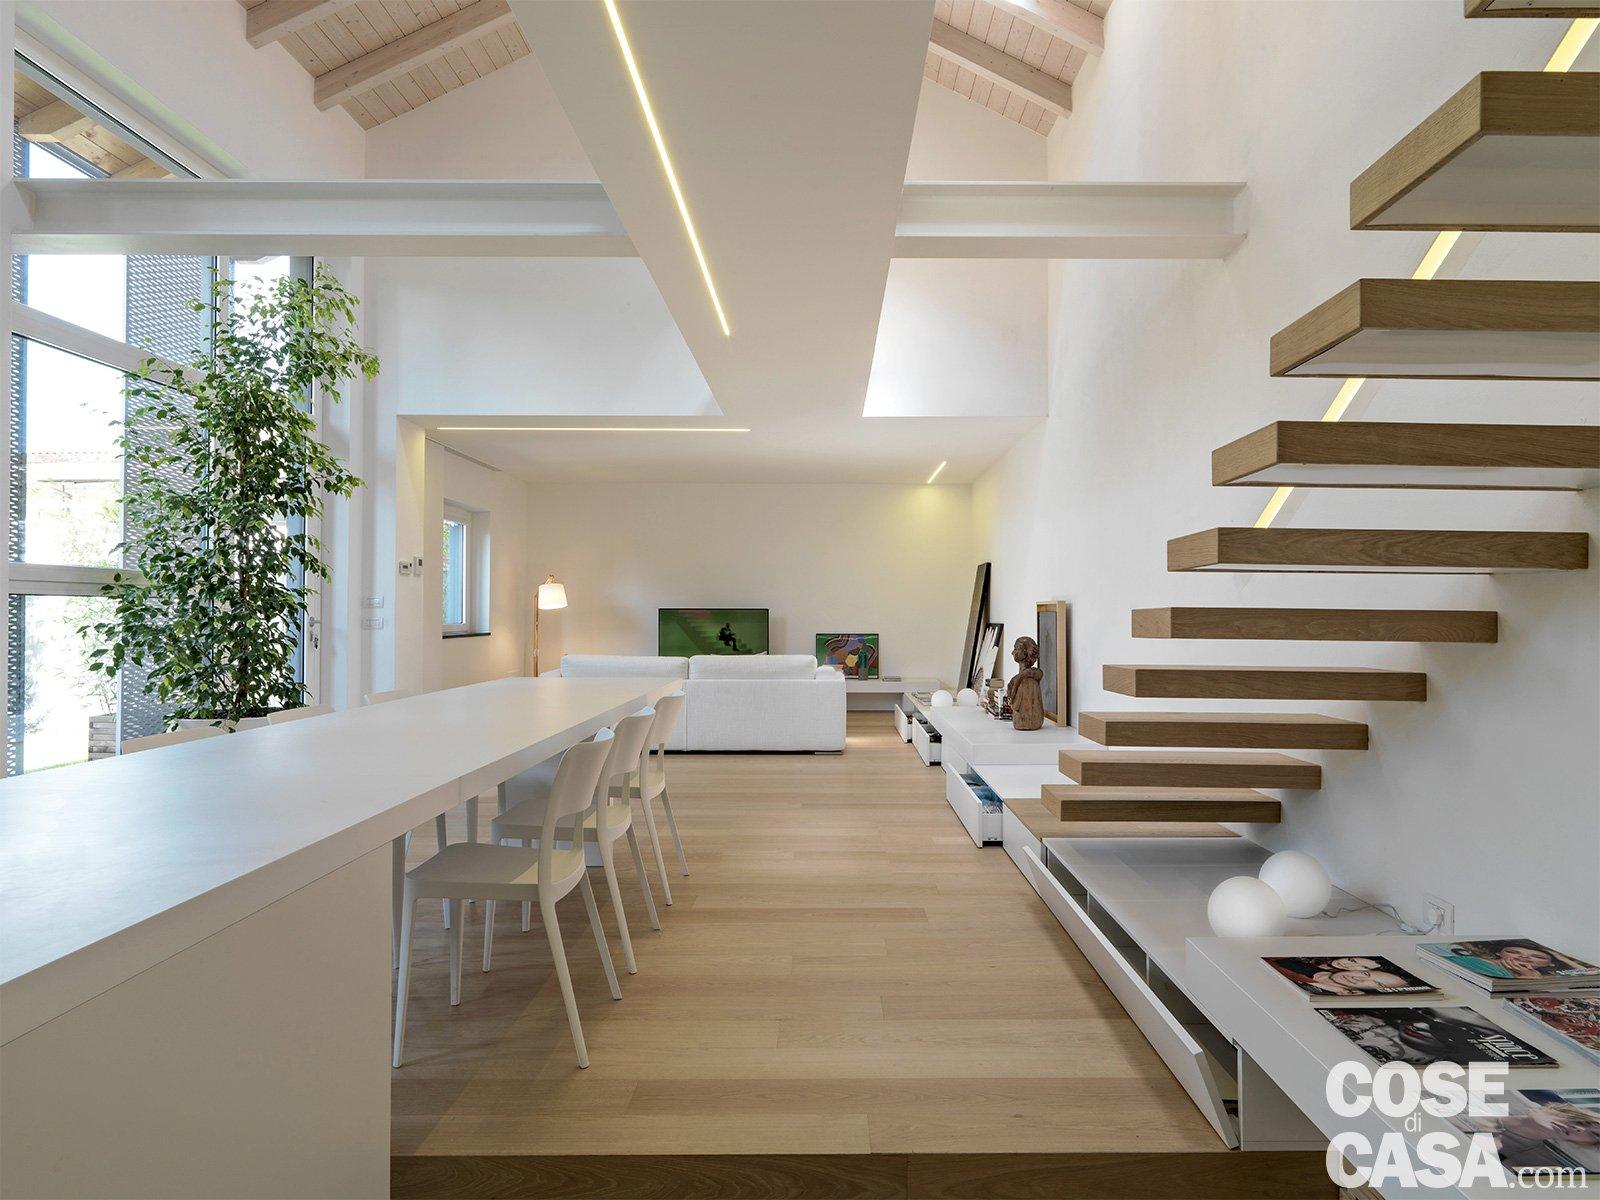 Loft una casa sottotetto a doppia altezza cose di casa for Piano di costruzione in legno soppalco